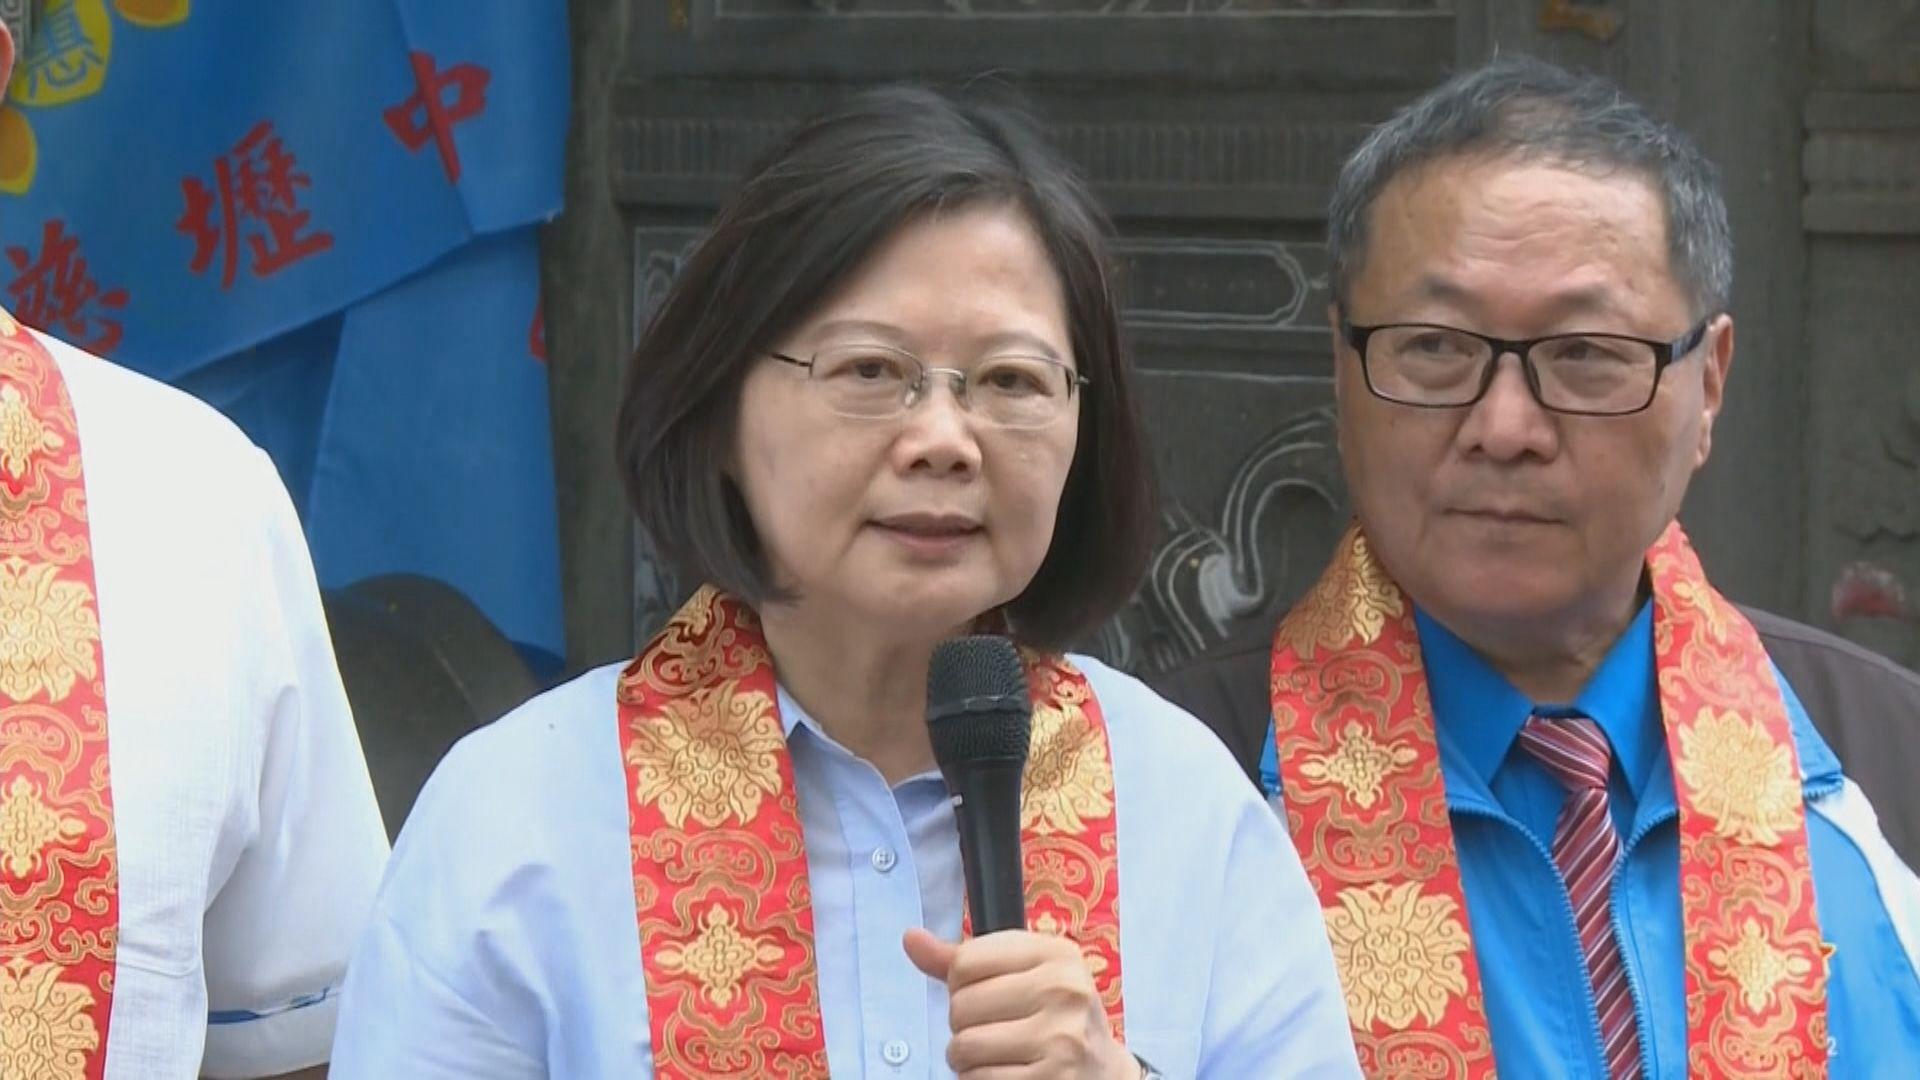 蔡英文:台灣人要以團結堅定信念面對大陸打壓